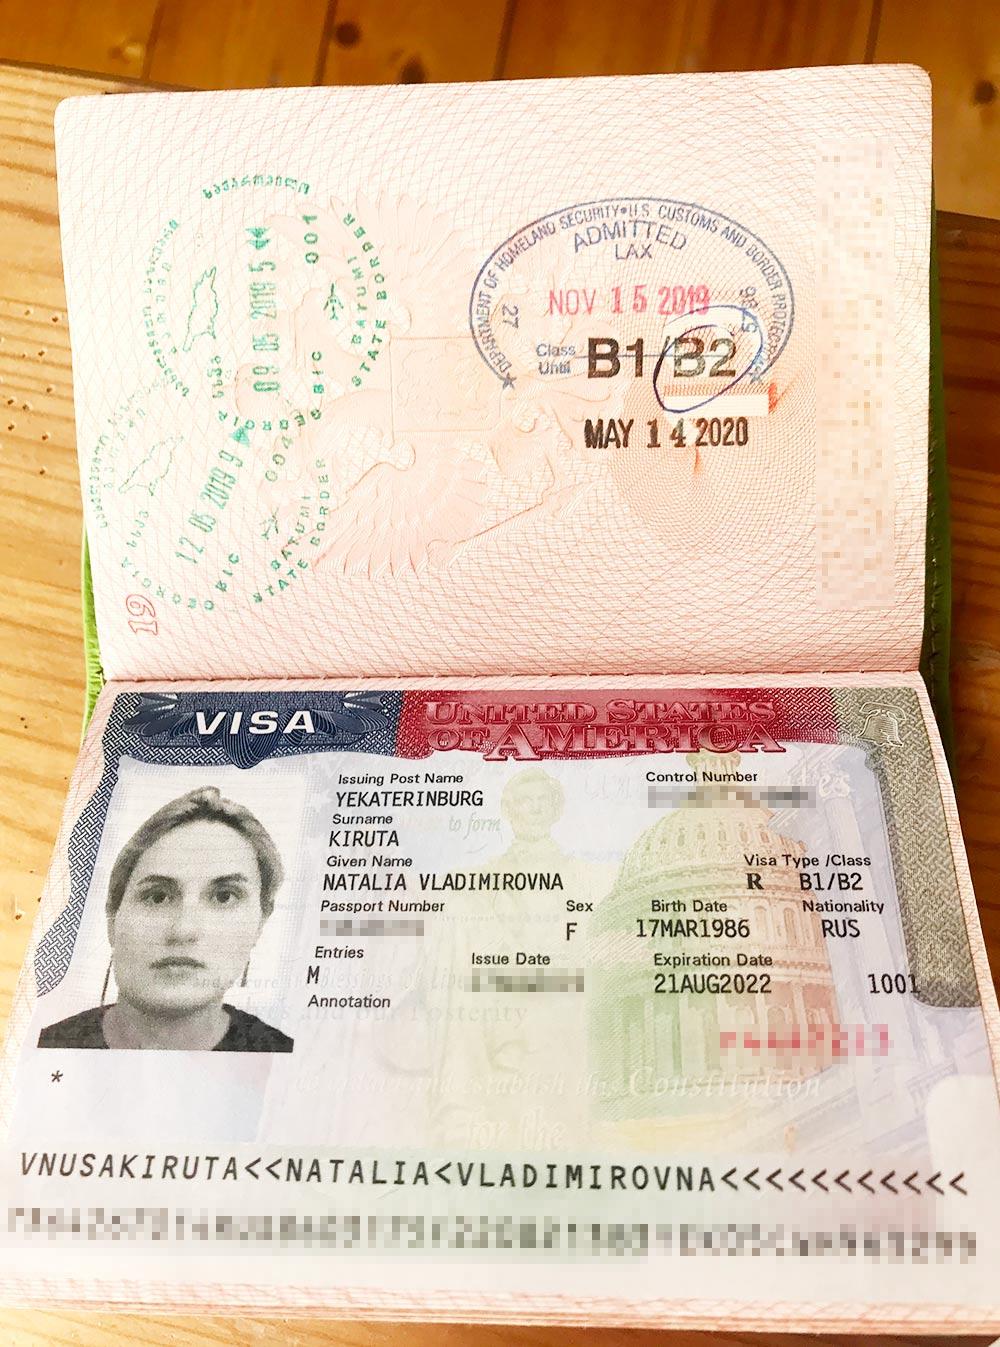 Моя виза. Привъезде офицер обвел на штампе надпись В2 — это значит, что я въехала с медицинскими целями